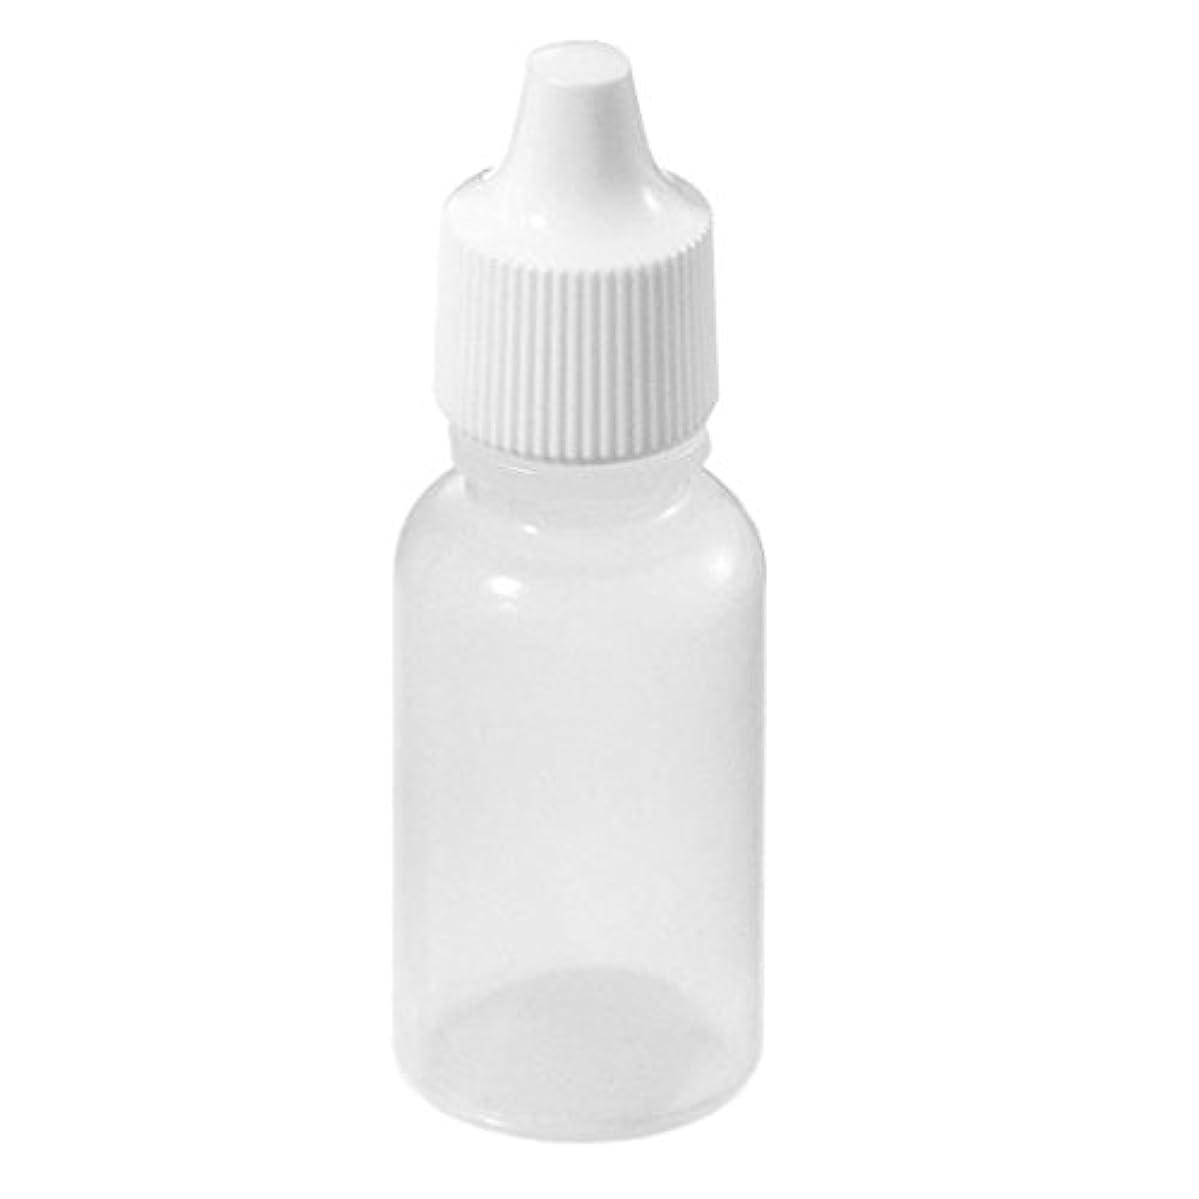 郵便屋さん非常に怒っています休日にCUHAWUDBA 50 x 空のプラスチックスクイーズ ドロッパーボトル(5ml)